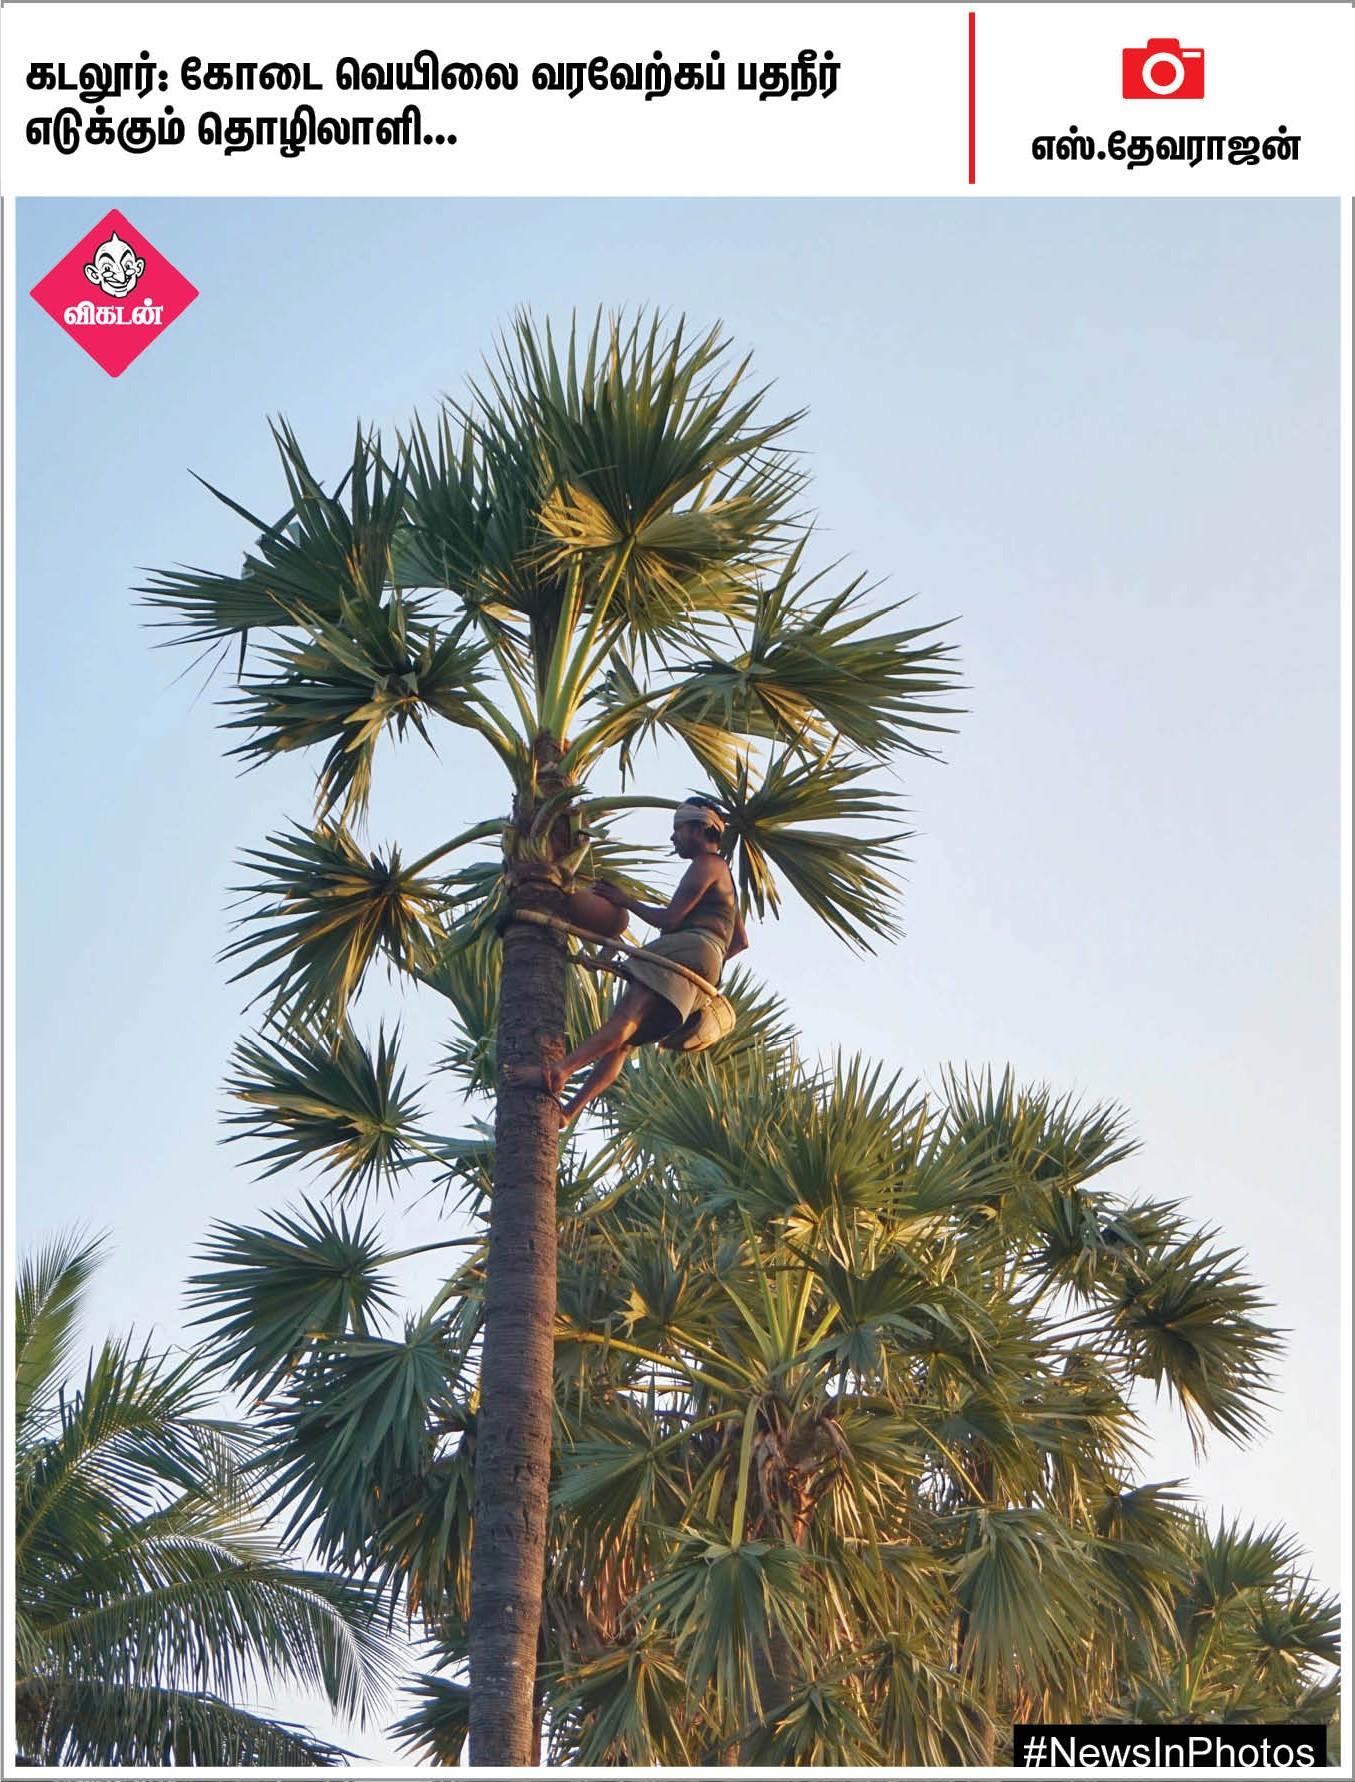 செல்லூர் ராஜூ தொடங்கிவைத்த விளையாட்டுப் போட்டிகள்... நெல்லைக்கு வந்த சிரிய தேசப் பறவைகள்... #NewsInPhotos